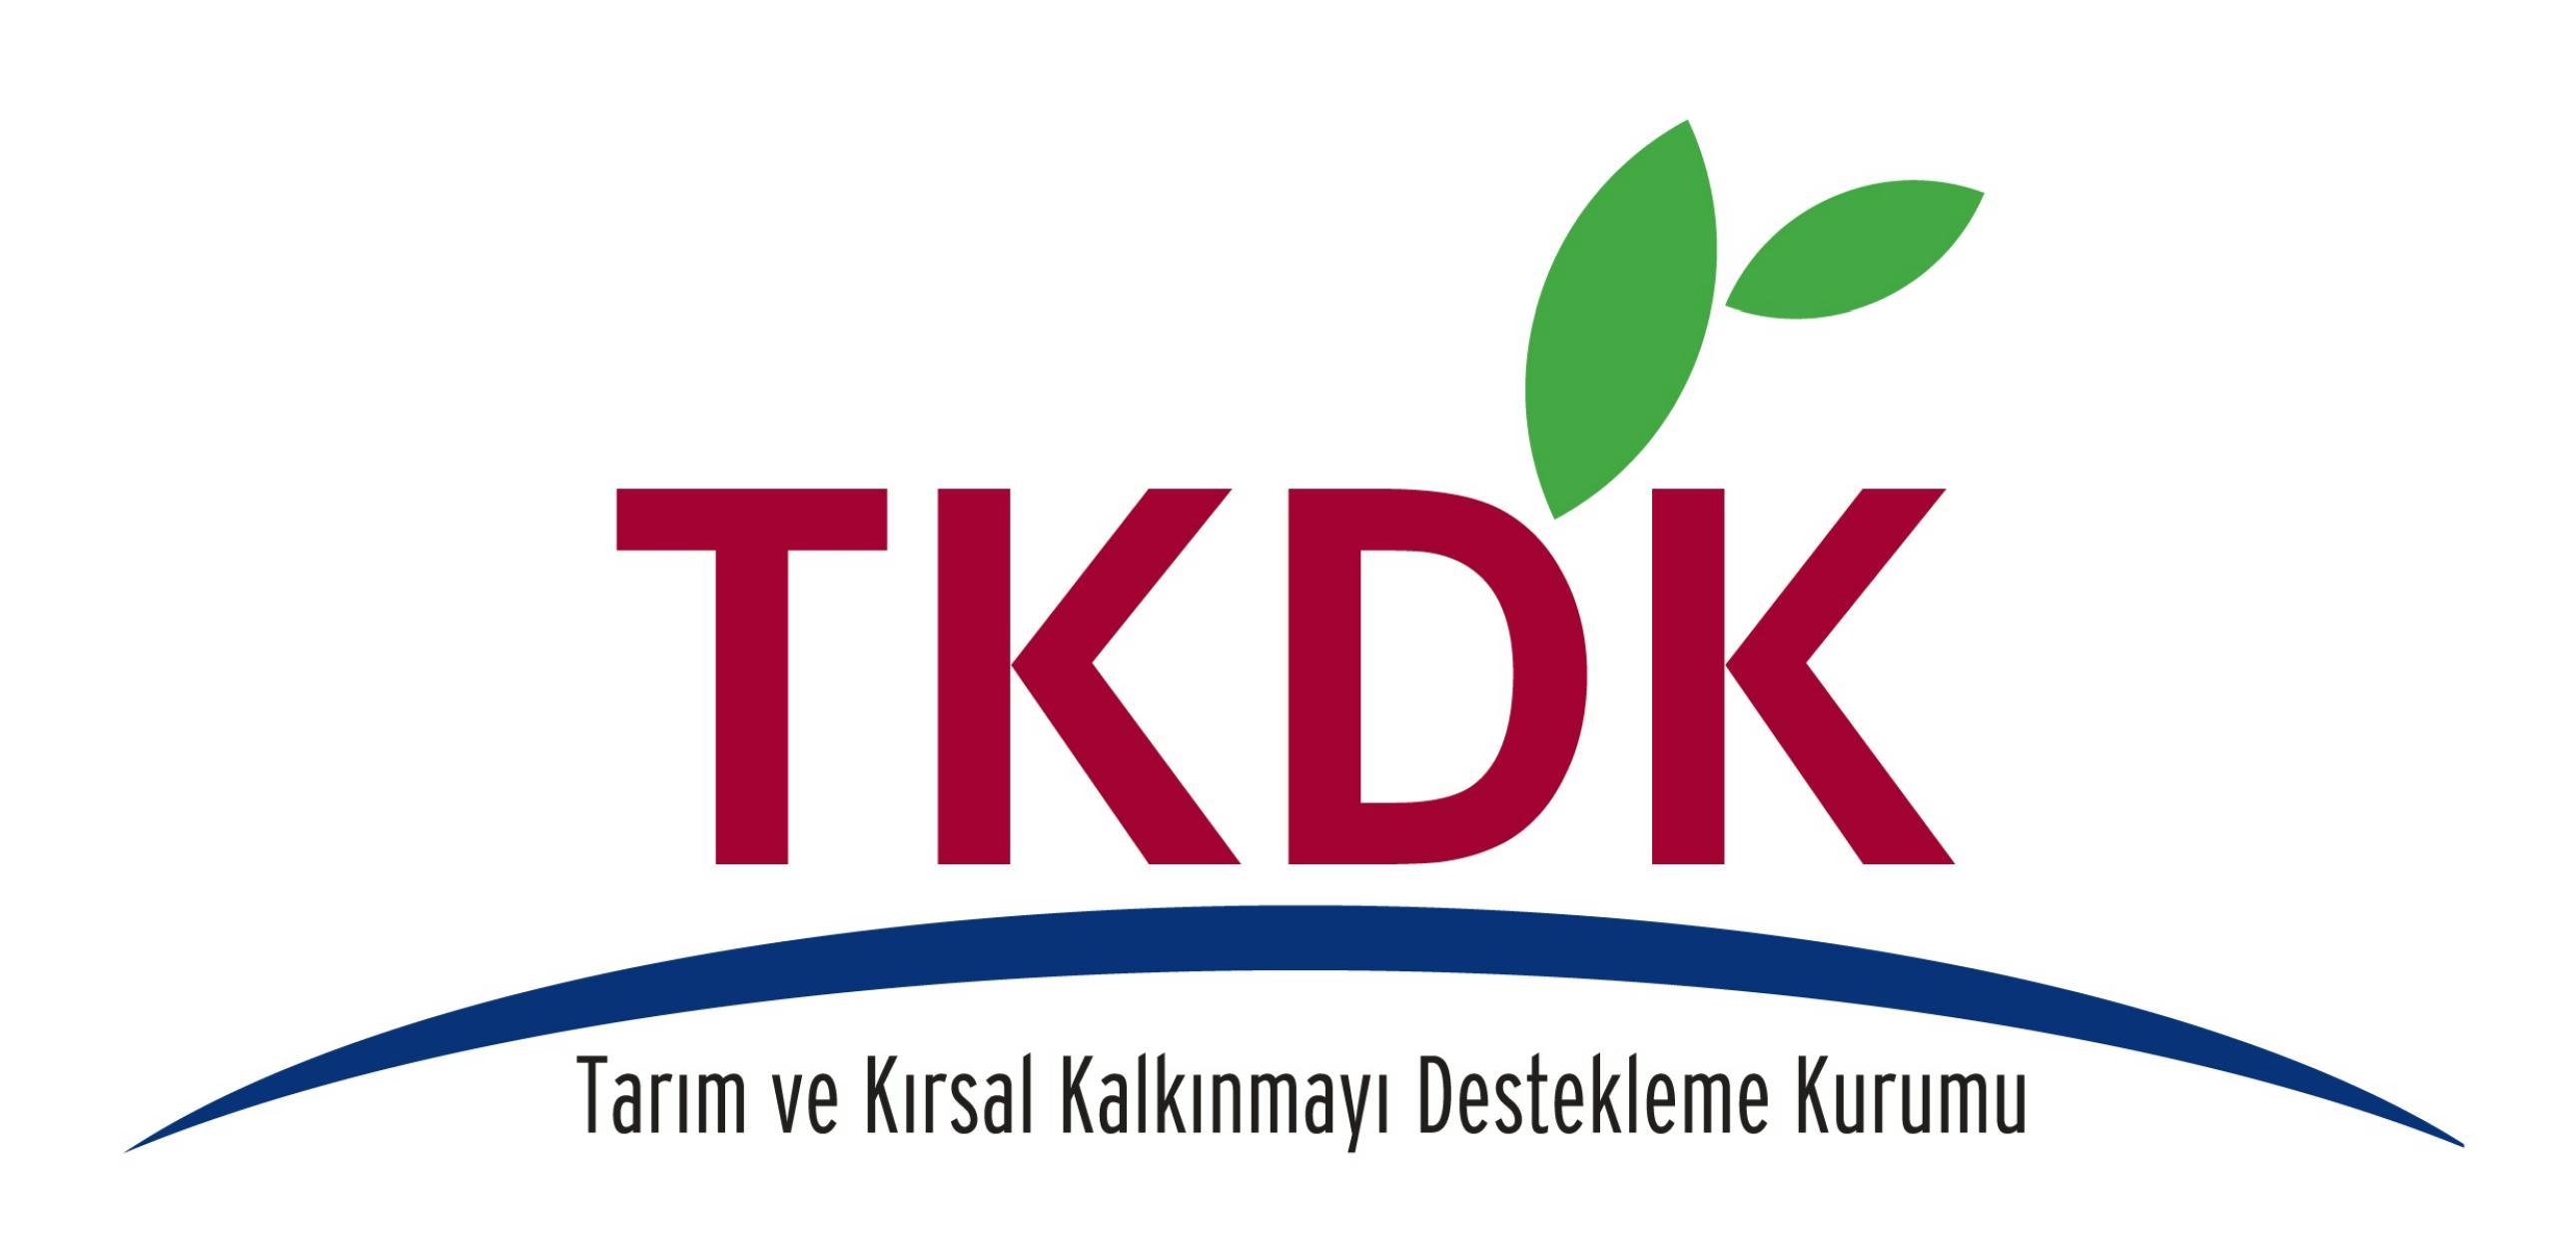 TKDK   Tarım ve Kırsal Kalkınmayı Destekleme Kurumu Logosu [PDF File] png